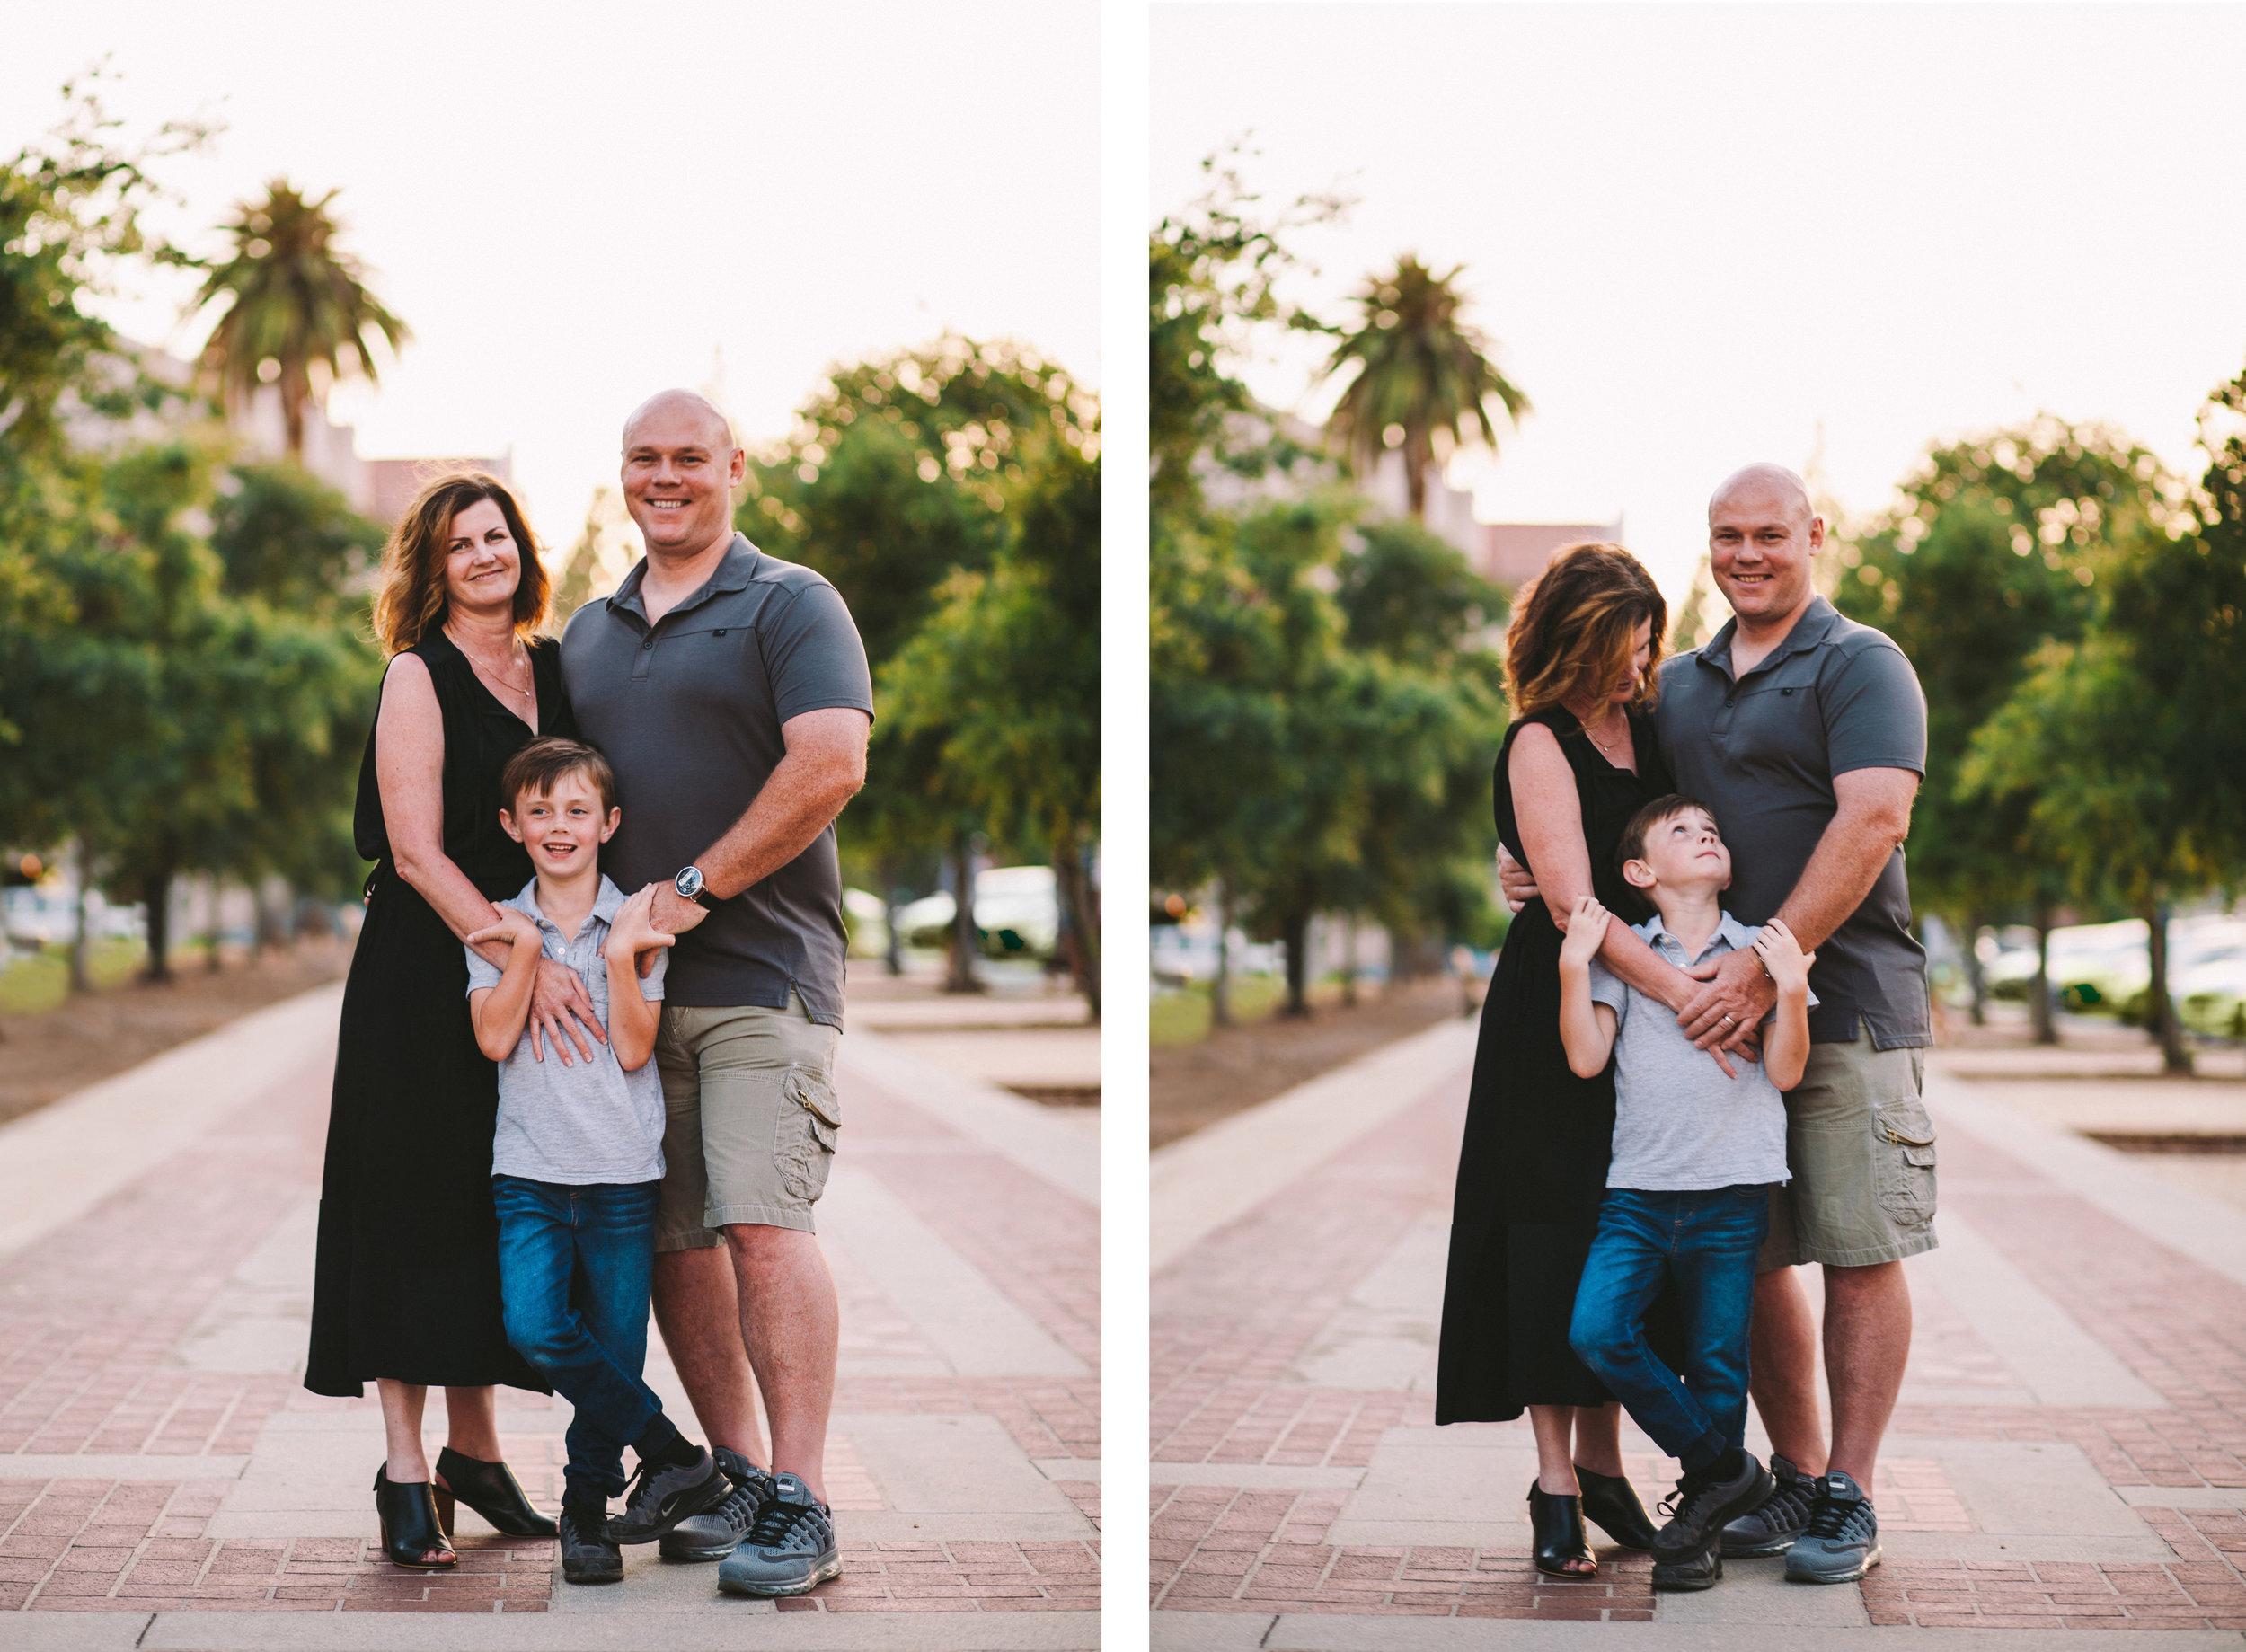 Pasadena City Hall Family Photography Session 24.jpg